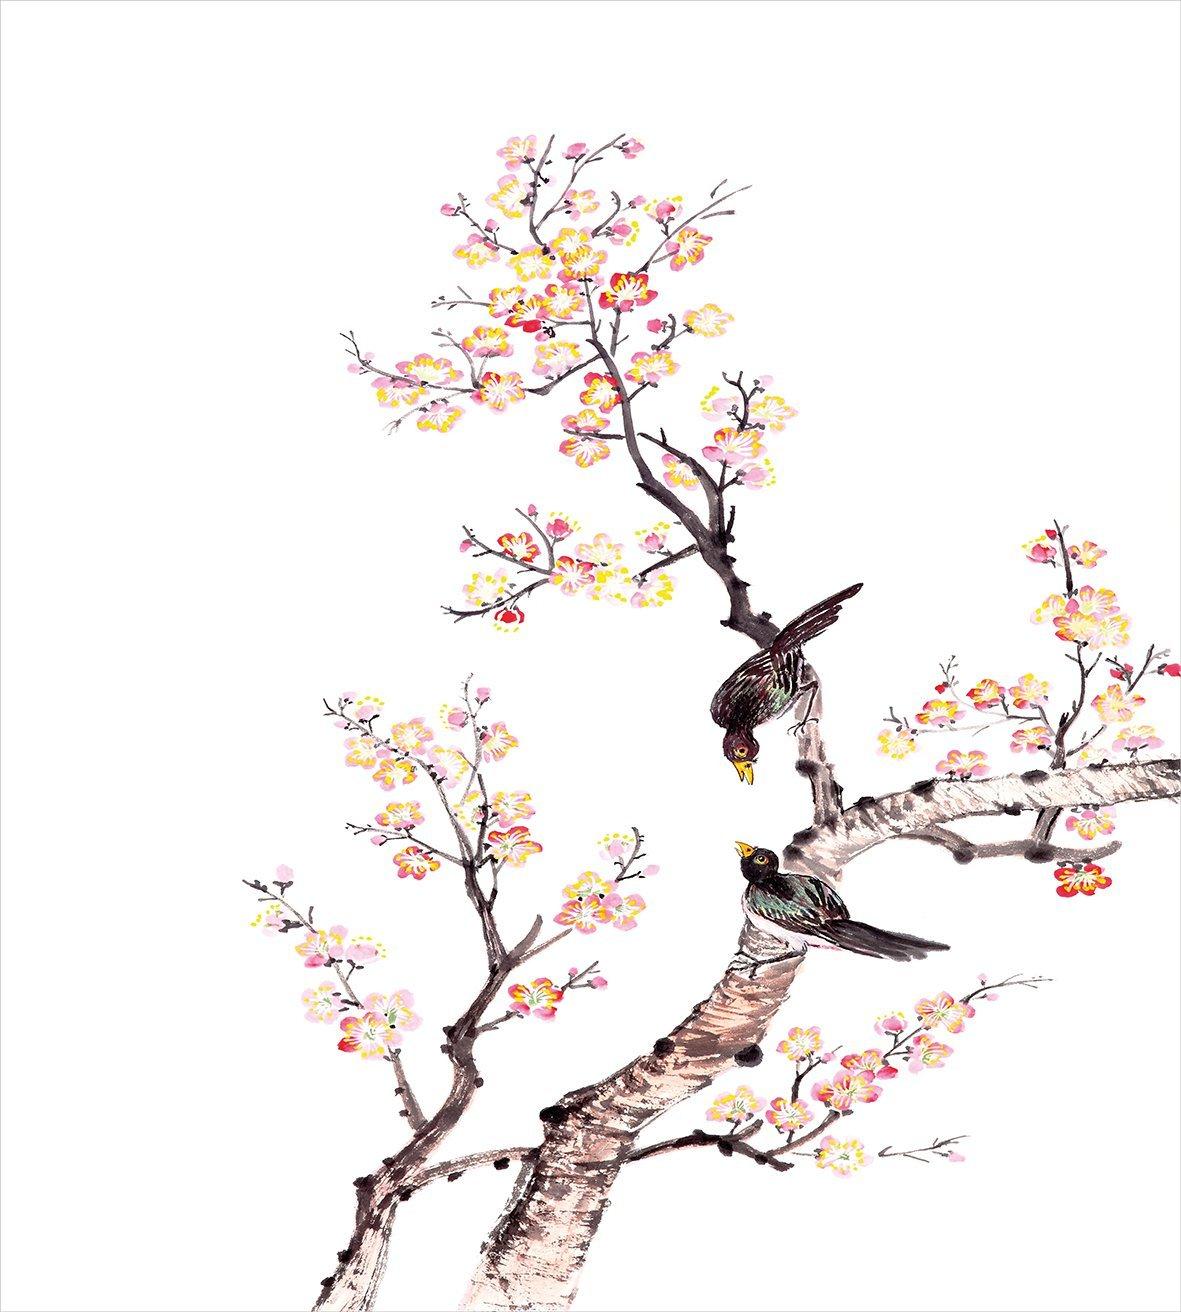 Sztuki kołdra pokrywa zestaw tradycyjny chiński farby kwiaty kwiat śliwy ptaki na drzewie romans druku dekoracyjny zestaw pościeli w Zestawy pościeli od Dom i ogród na  Grupa 2